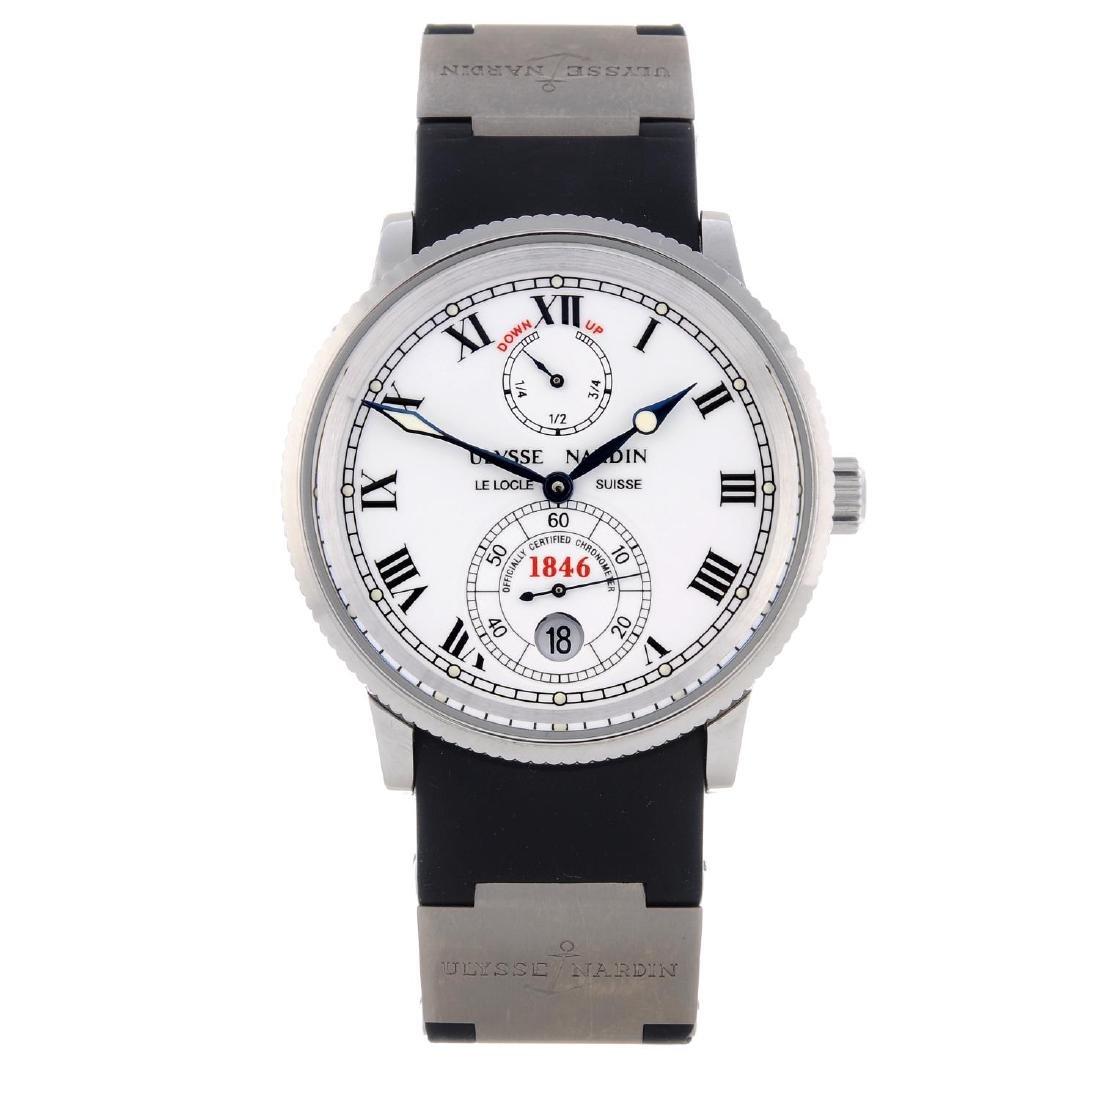 ULYSSE NARDIN - a gentleman's Marine wrist watch.